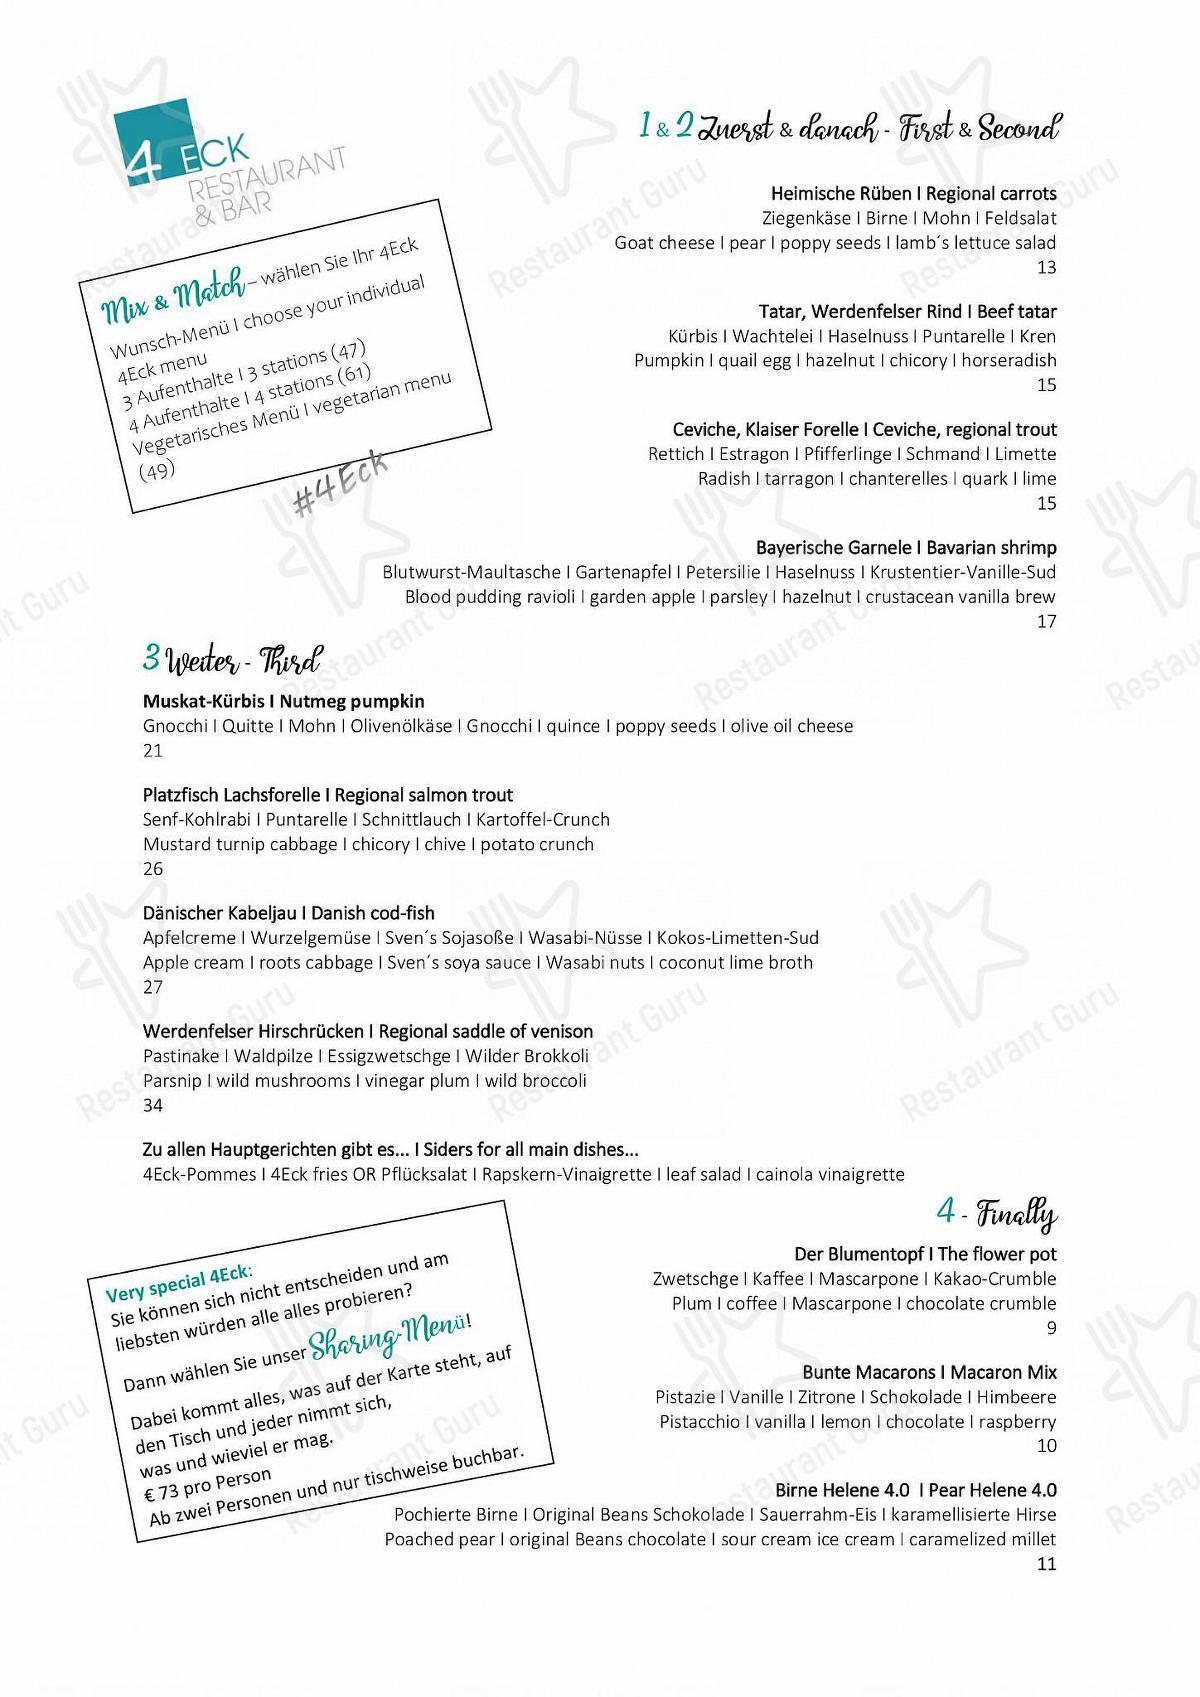 4Eck Speisekarte - Essen und Getränke